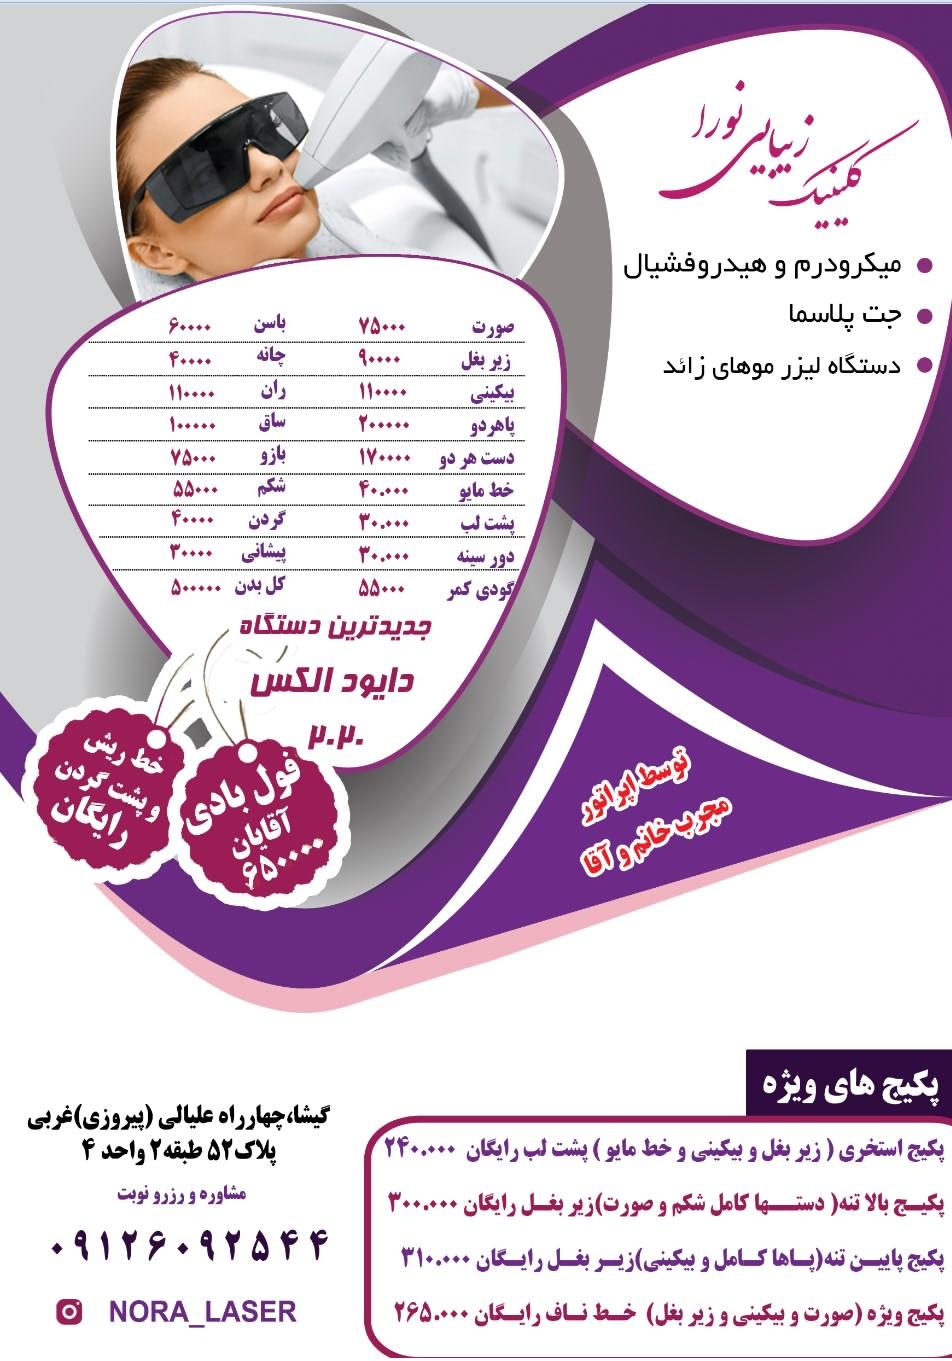 قیمت لیزر موهای زائد در گیشا غرب تهران بهترین مرکز لیزر موهای زائد با دستگاه الکس دایود